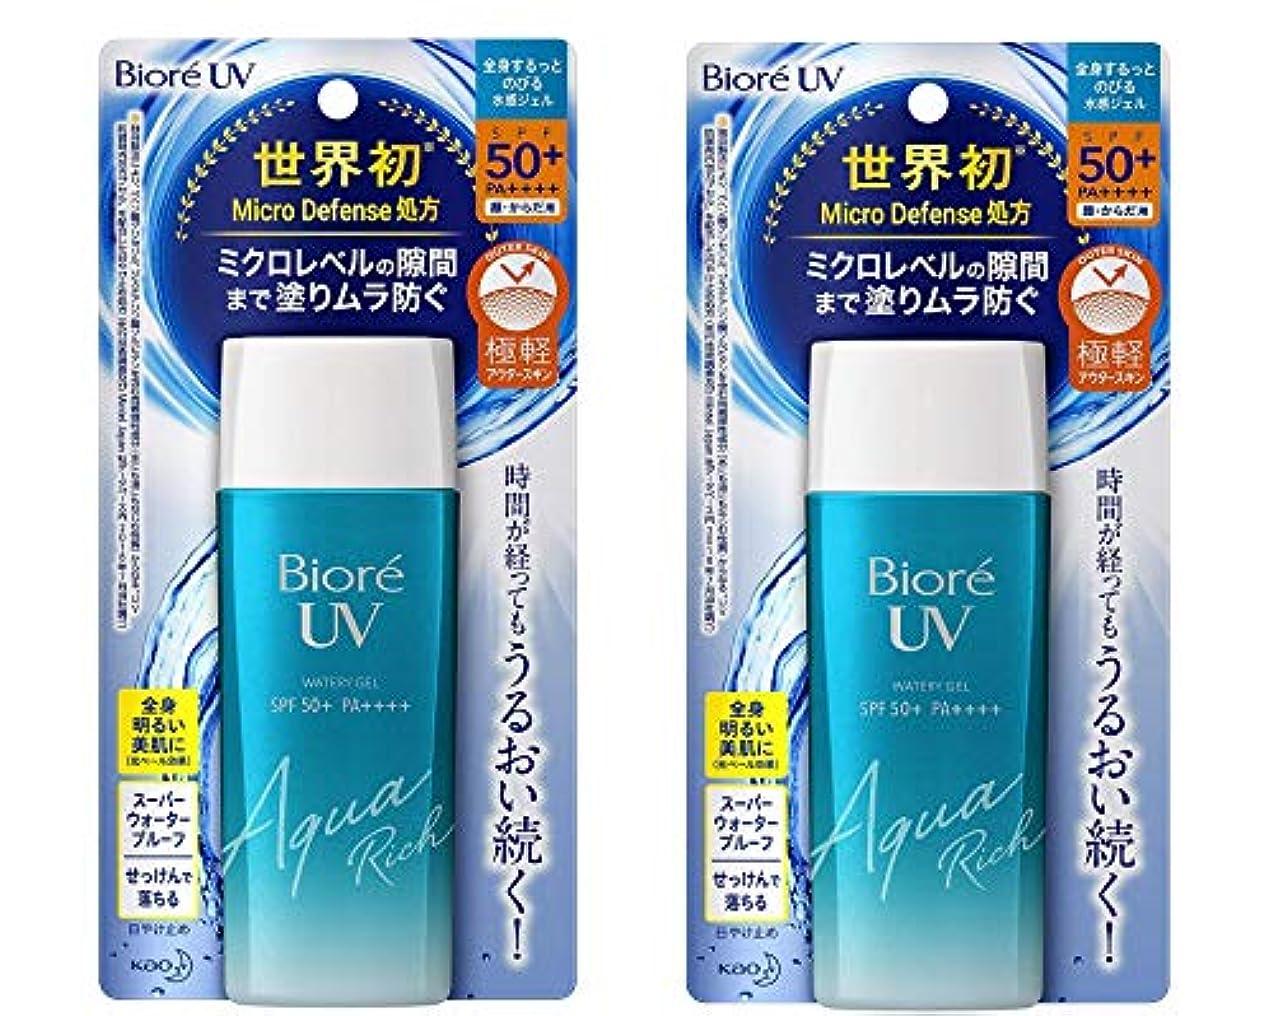 けがをする困難遠い【まとめ販売2個セット】ビオレ UV アクアリッチ ウォータリージェル SPF50+